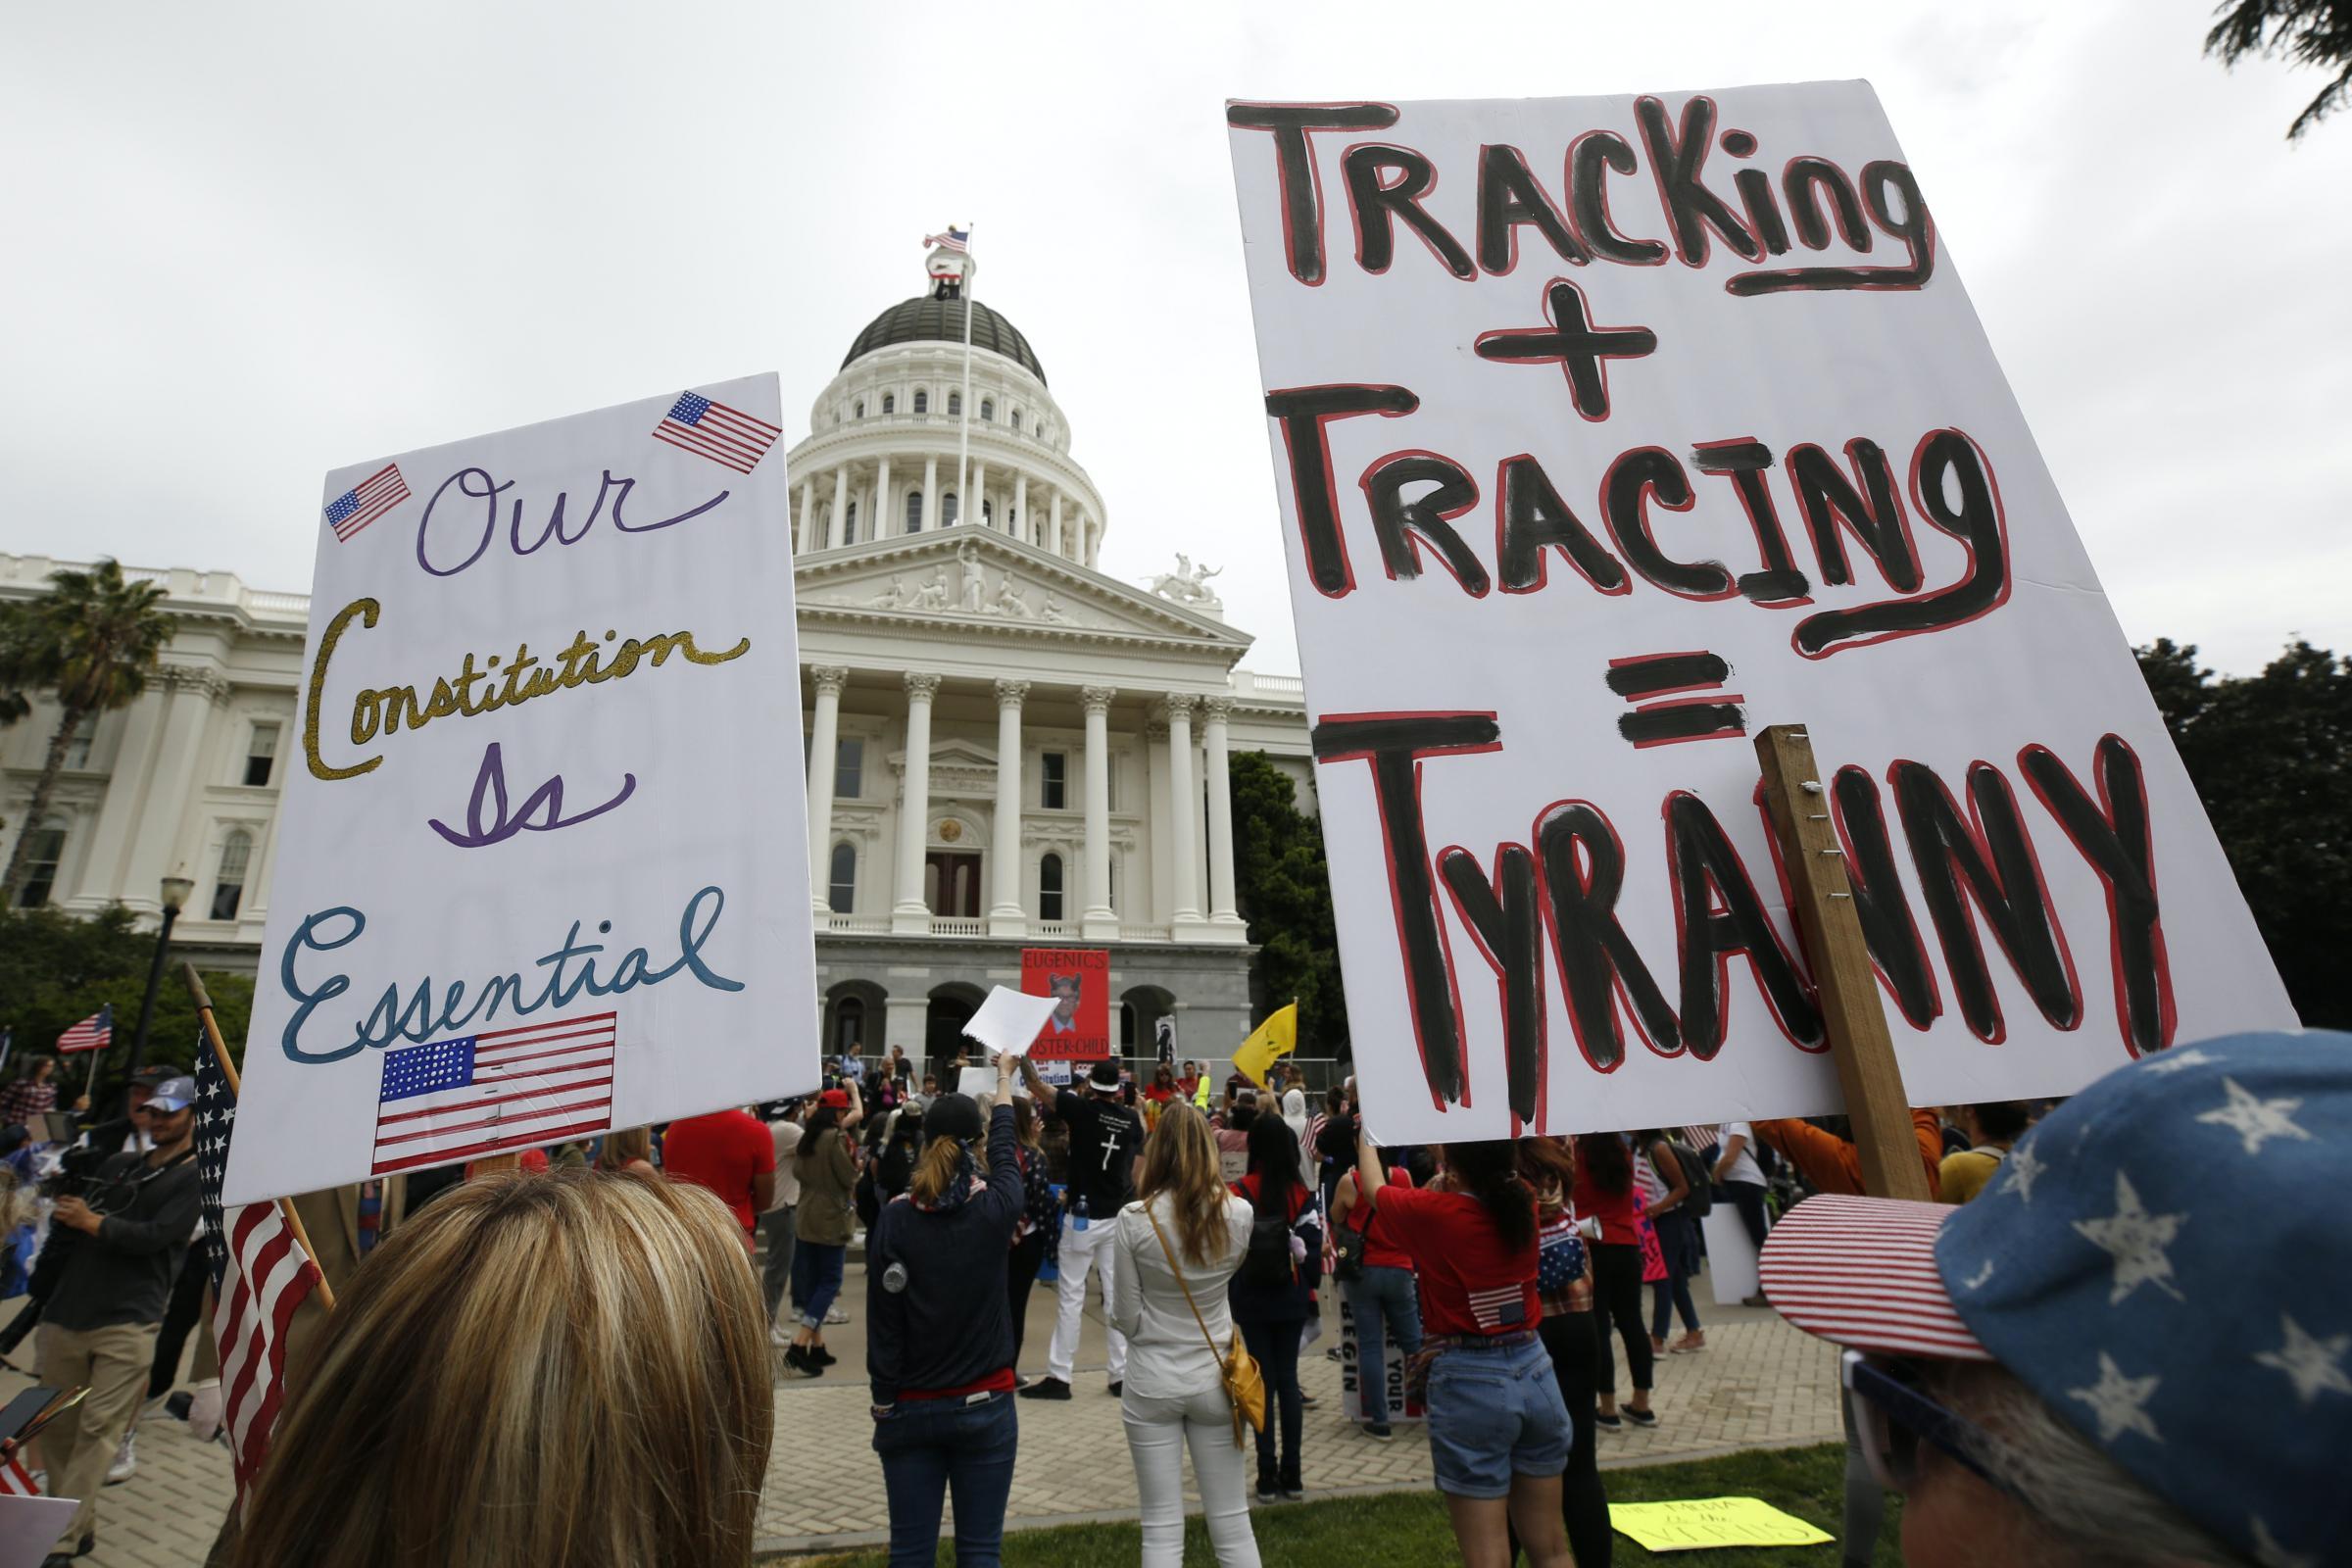 Tỉ lệ thất nghiệp dự kiến lên mức kỉ lục 16%, nhiều tiểu bang ở Mỹ gấp rút 'chạy đua' mở cửa kinh tế - Ảnh 2.